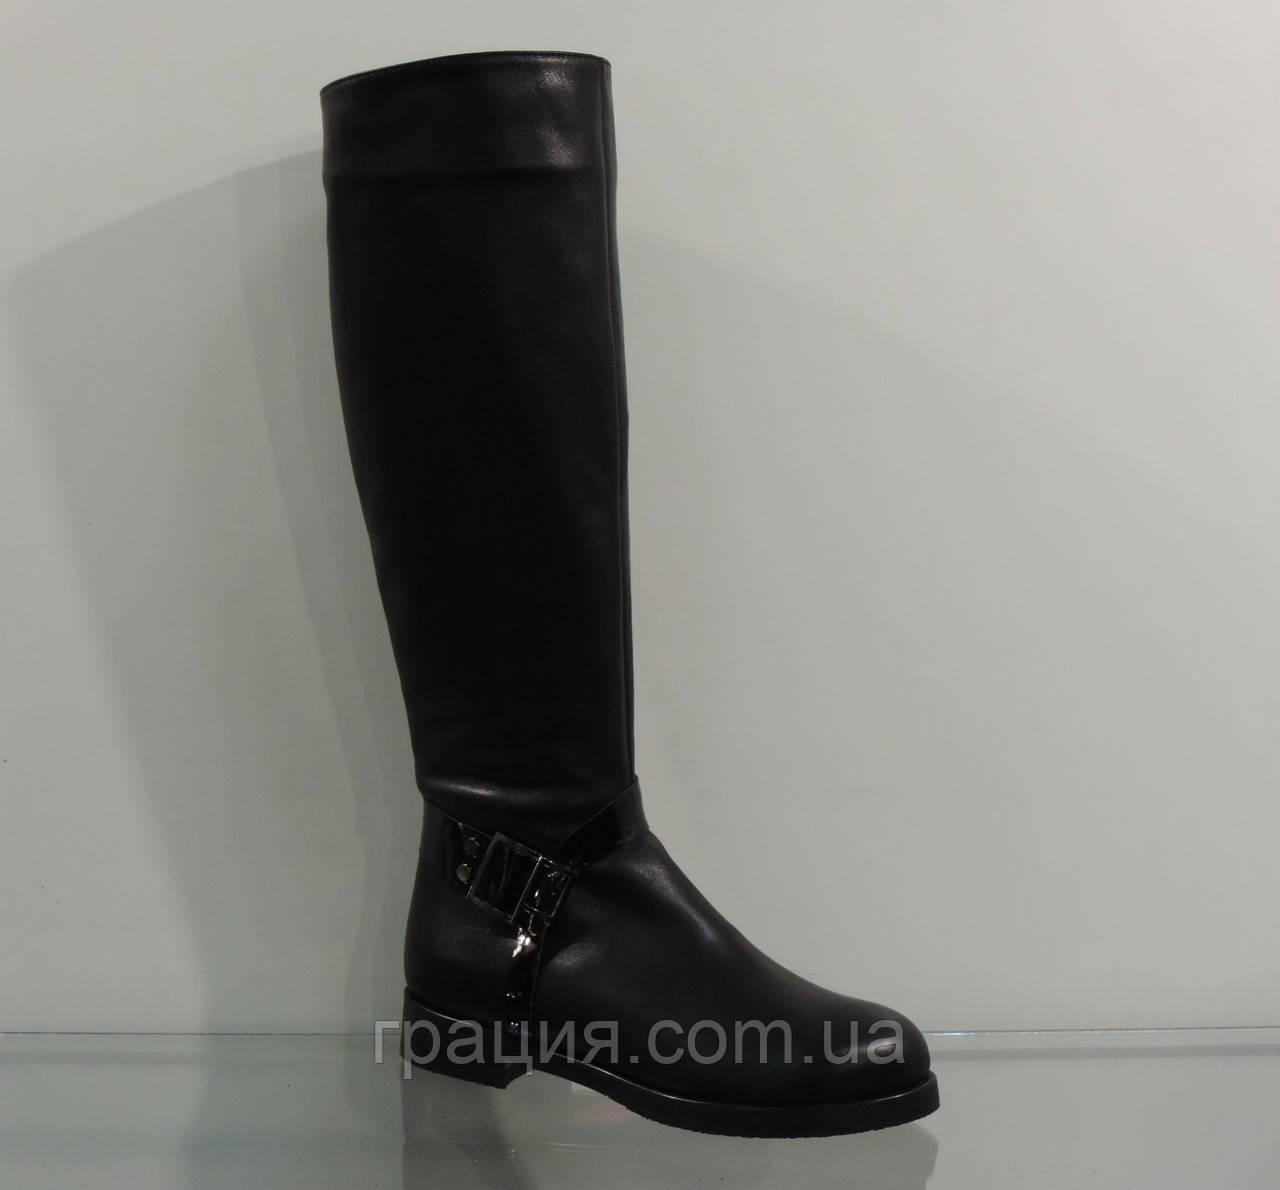 Модные кожаные зимние сапожки на маленьком каблуке с ремешками